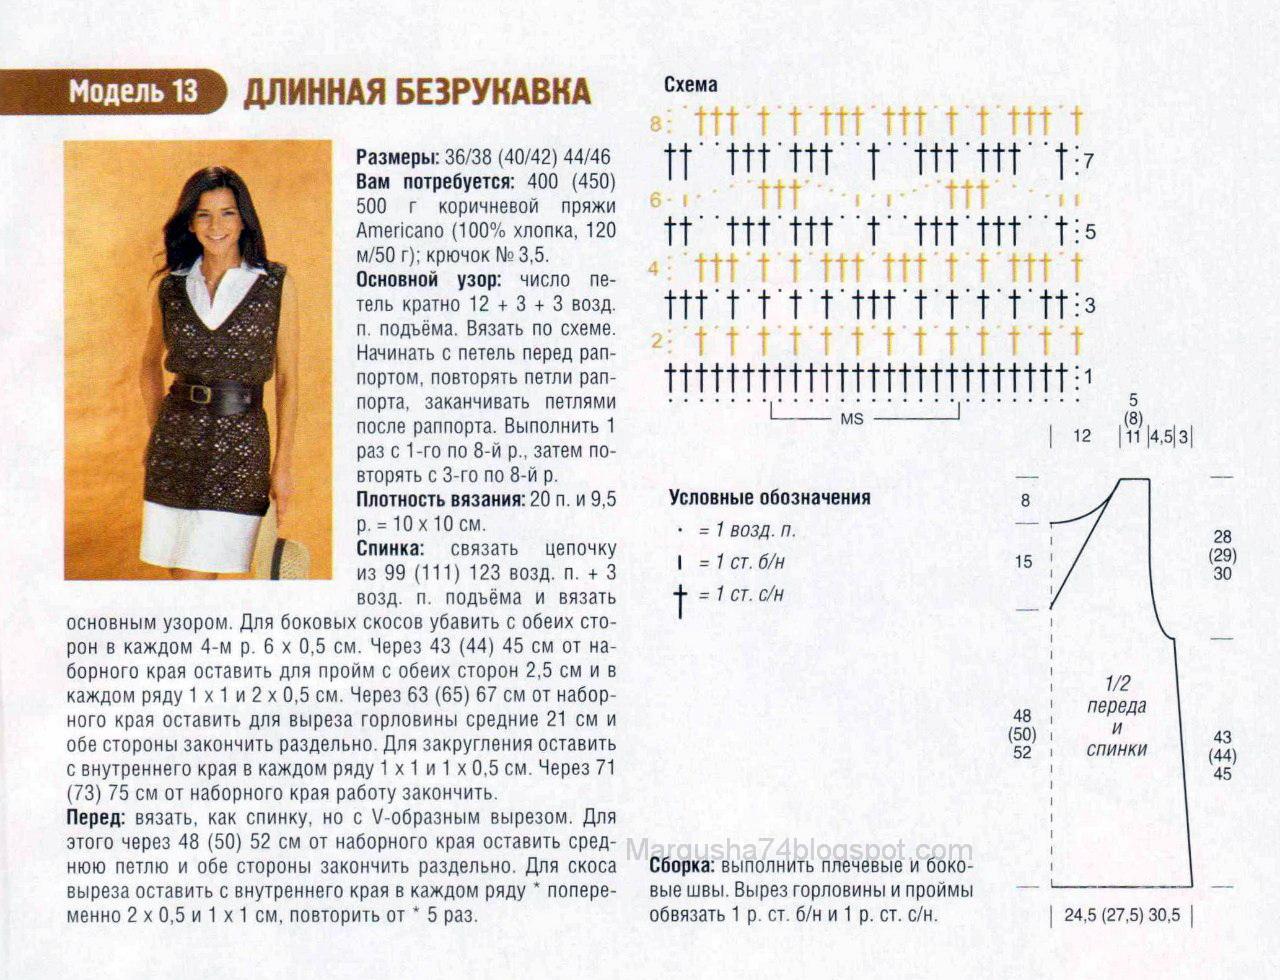 Вязание крючком жилетки схемы фото